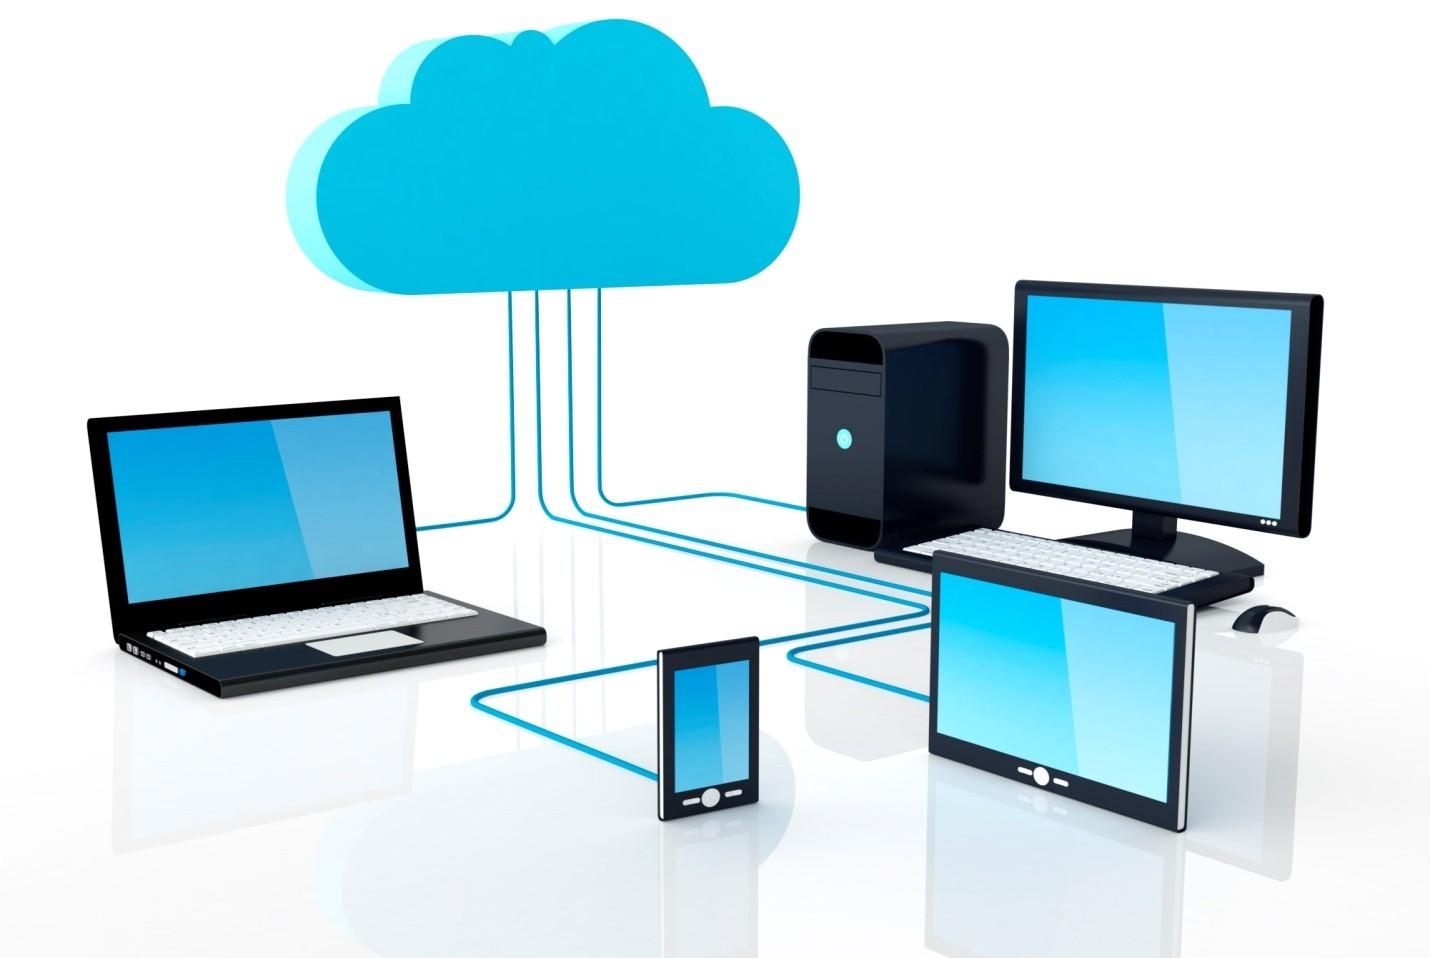 Облачный или виртуальный хостинг что лучше